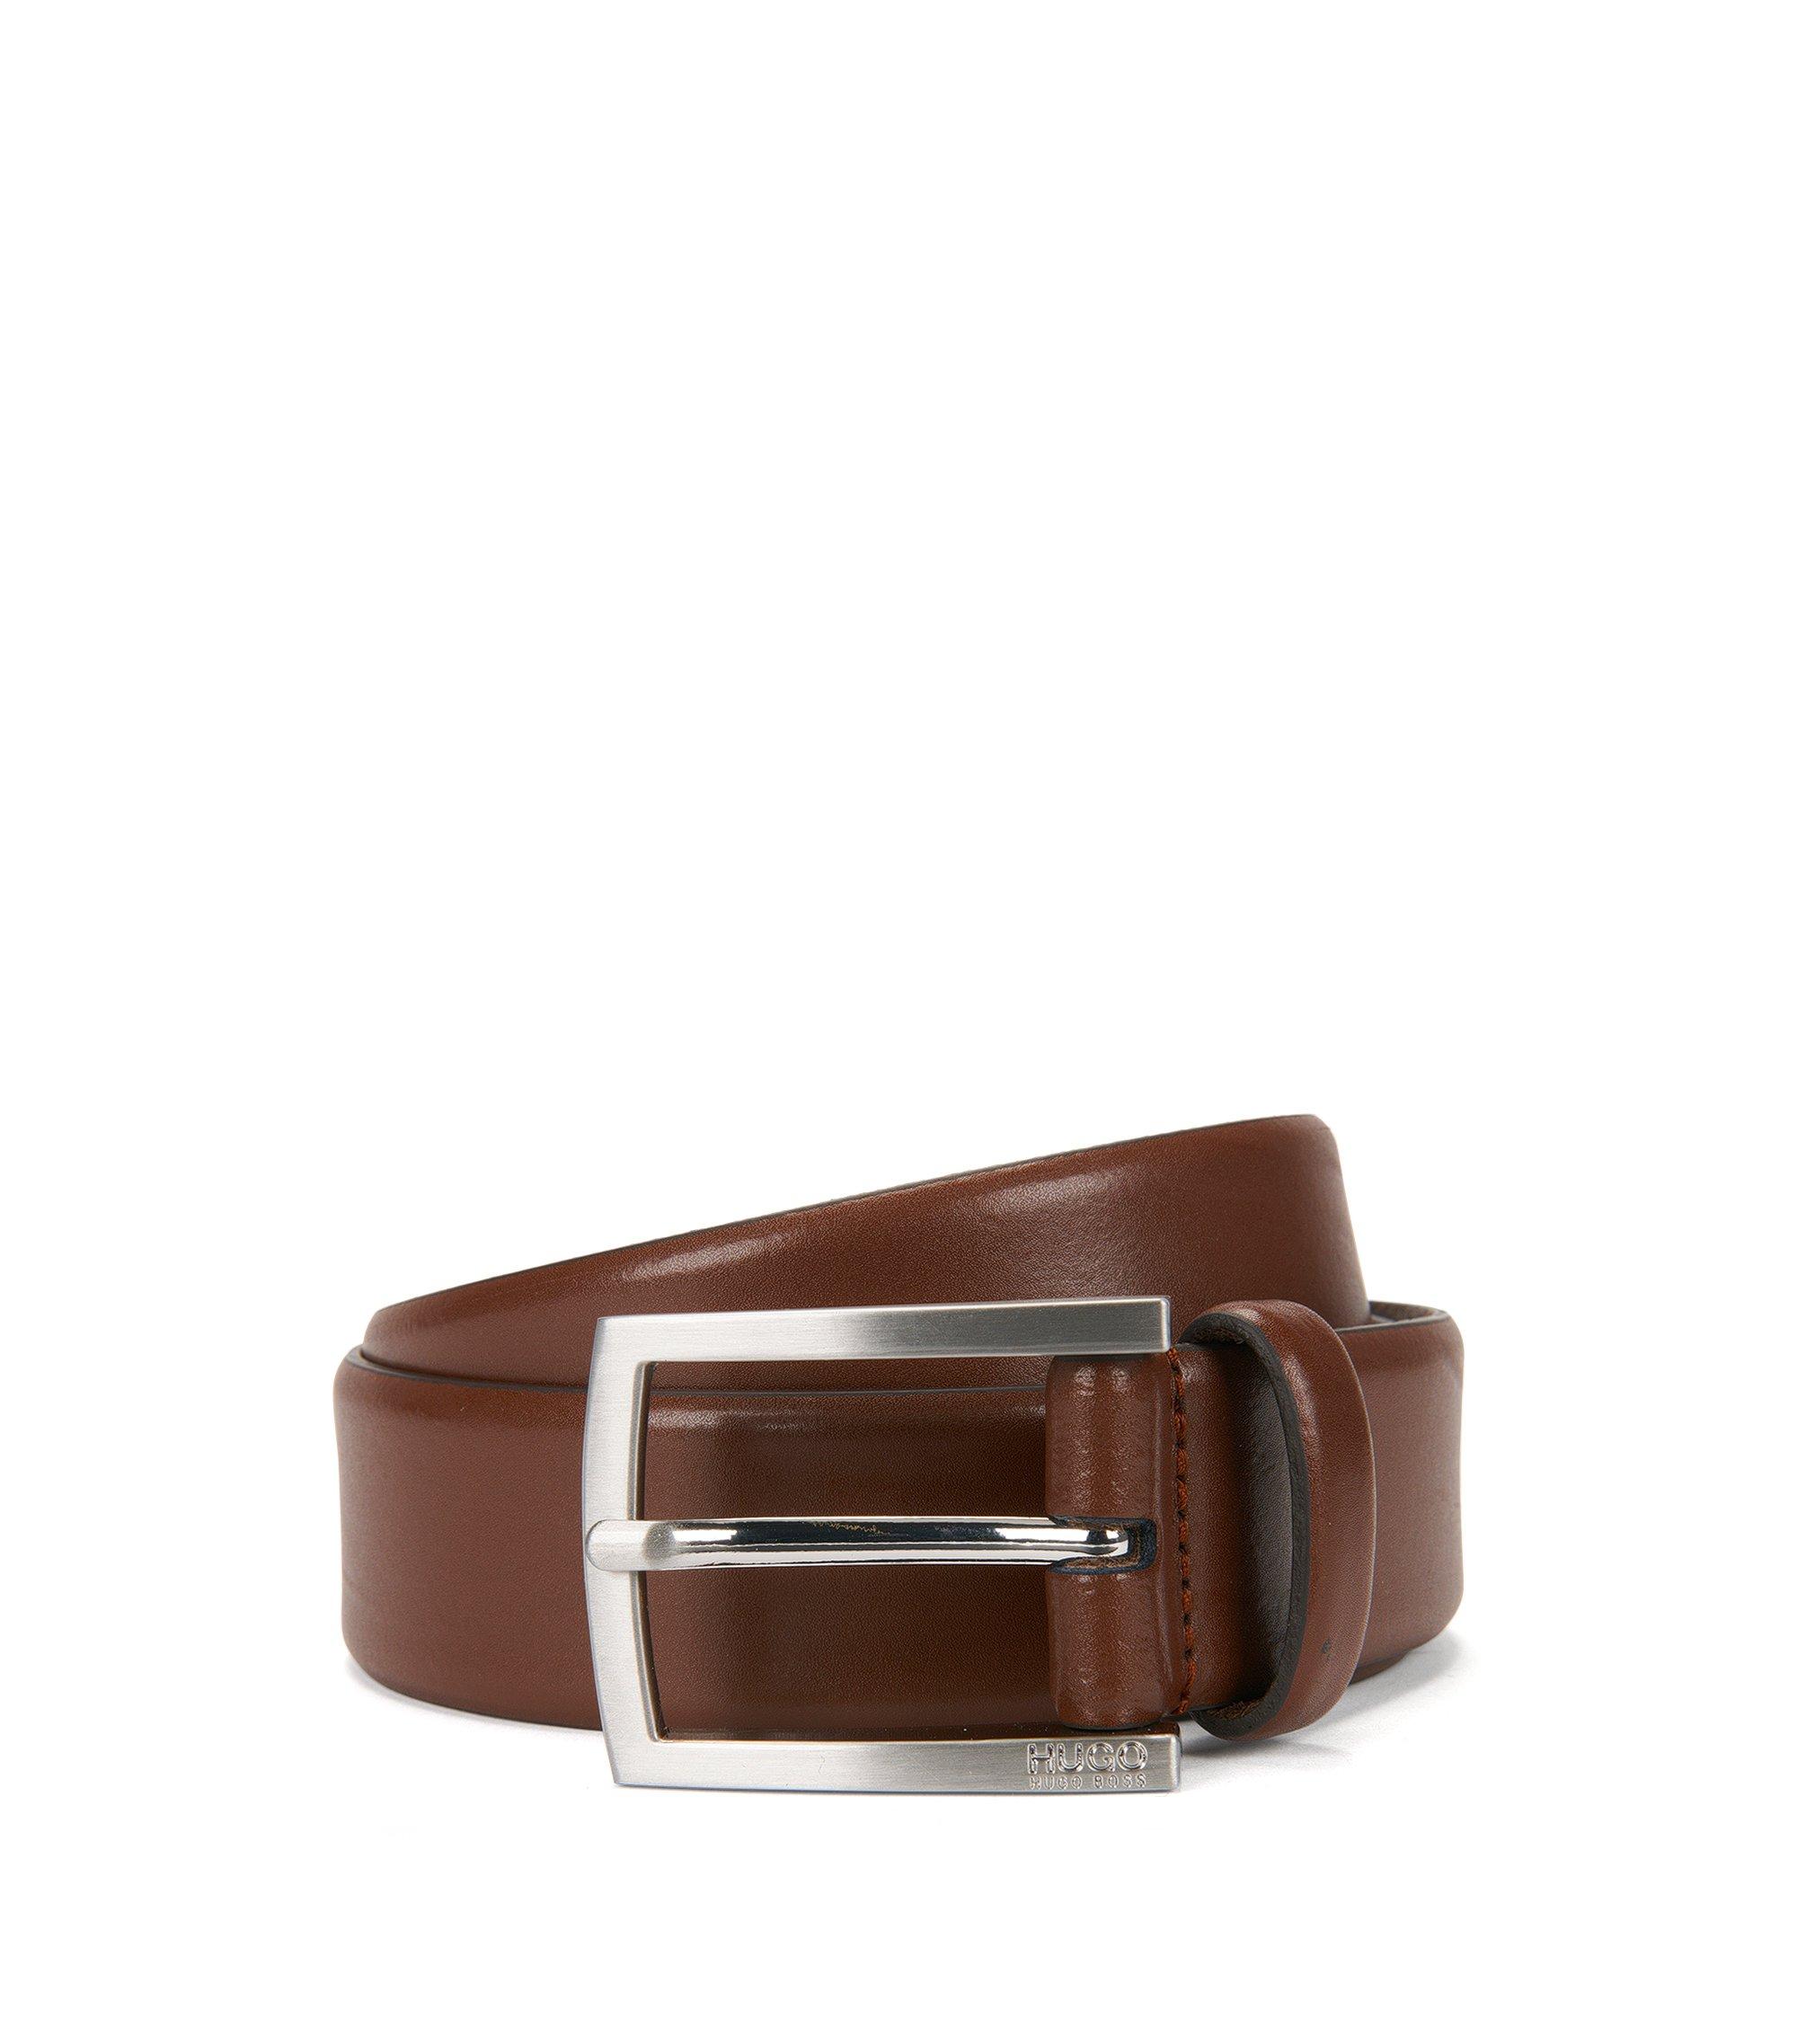 Cinturón de piel con hebilla cepillada, Marrón